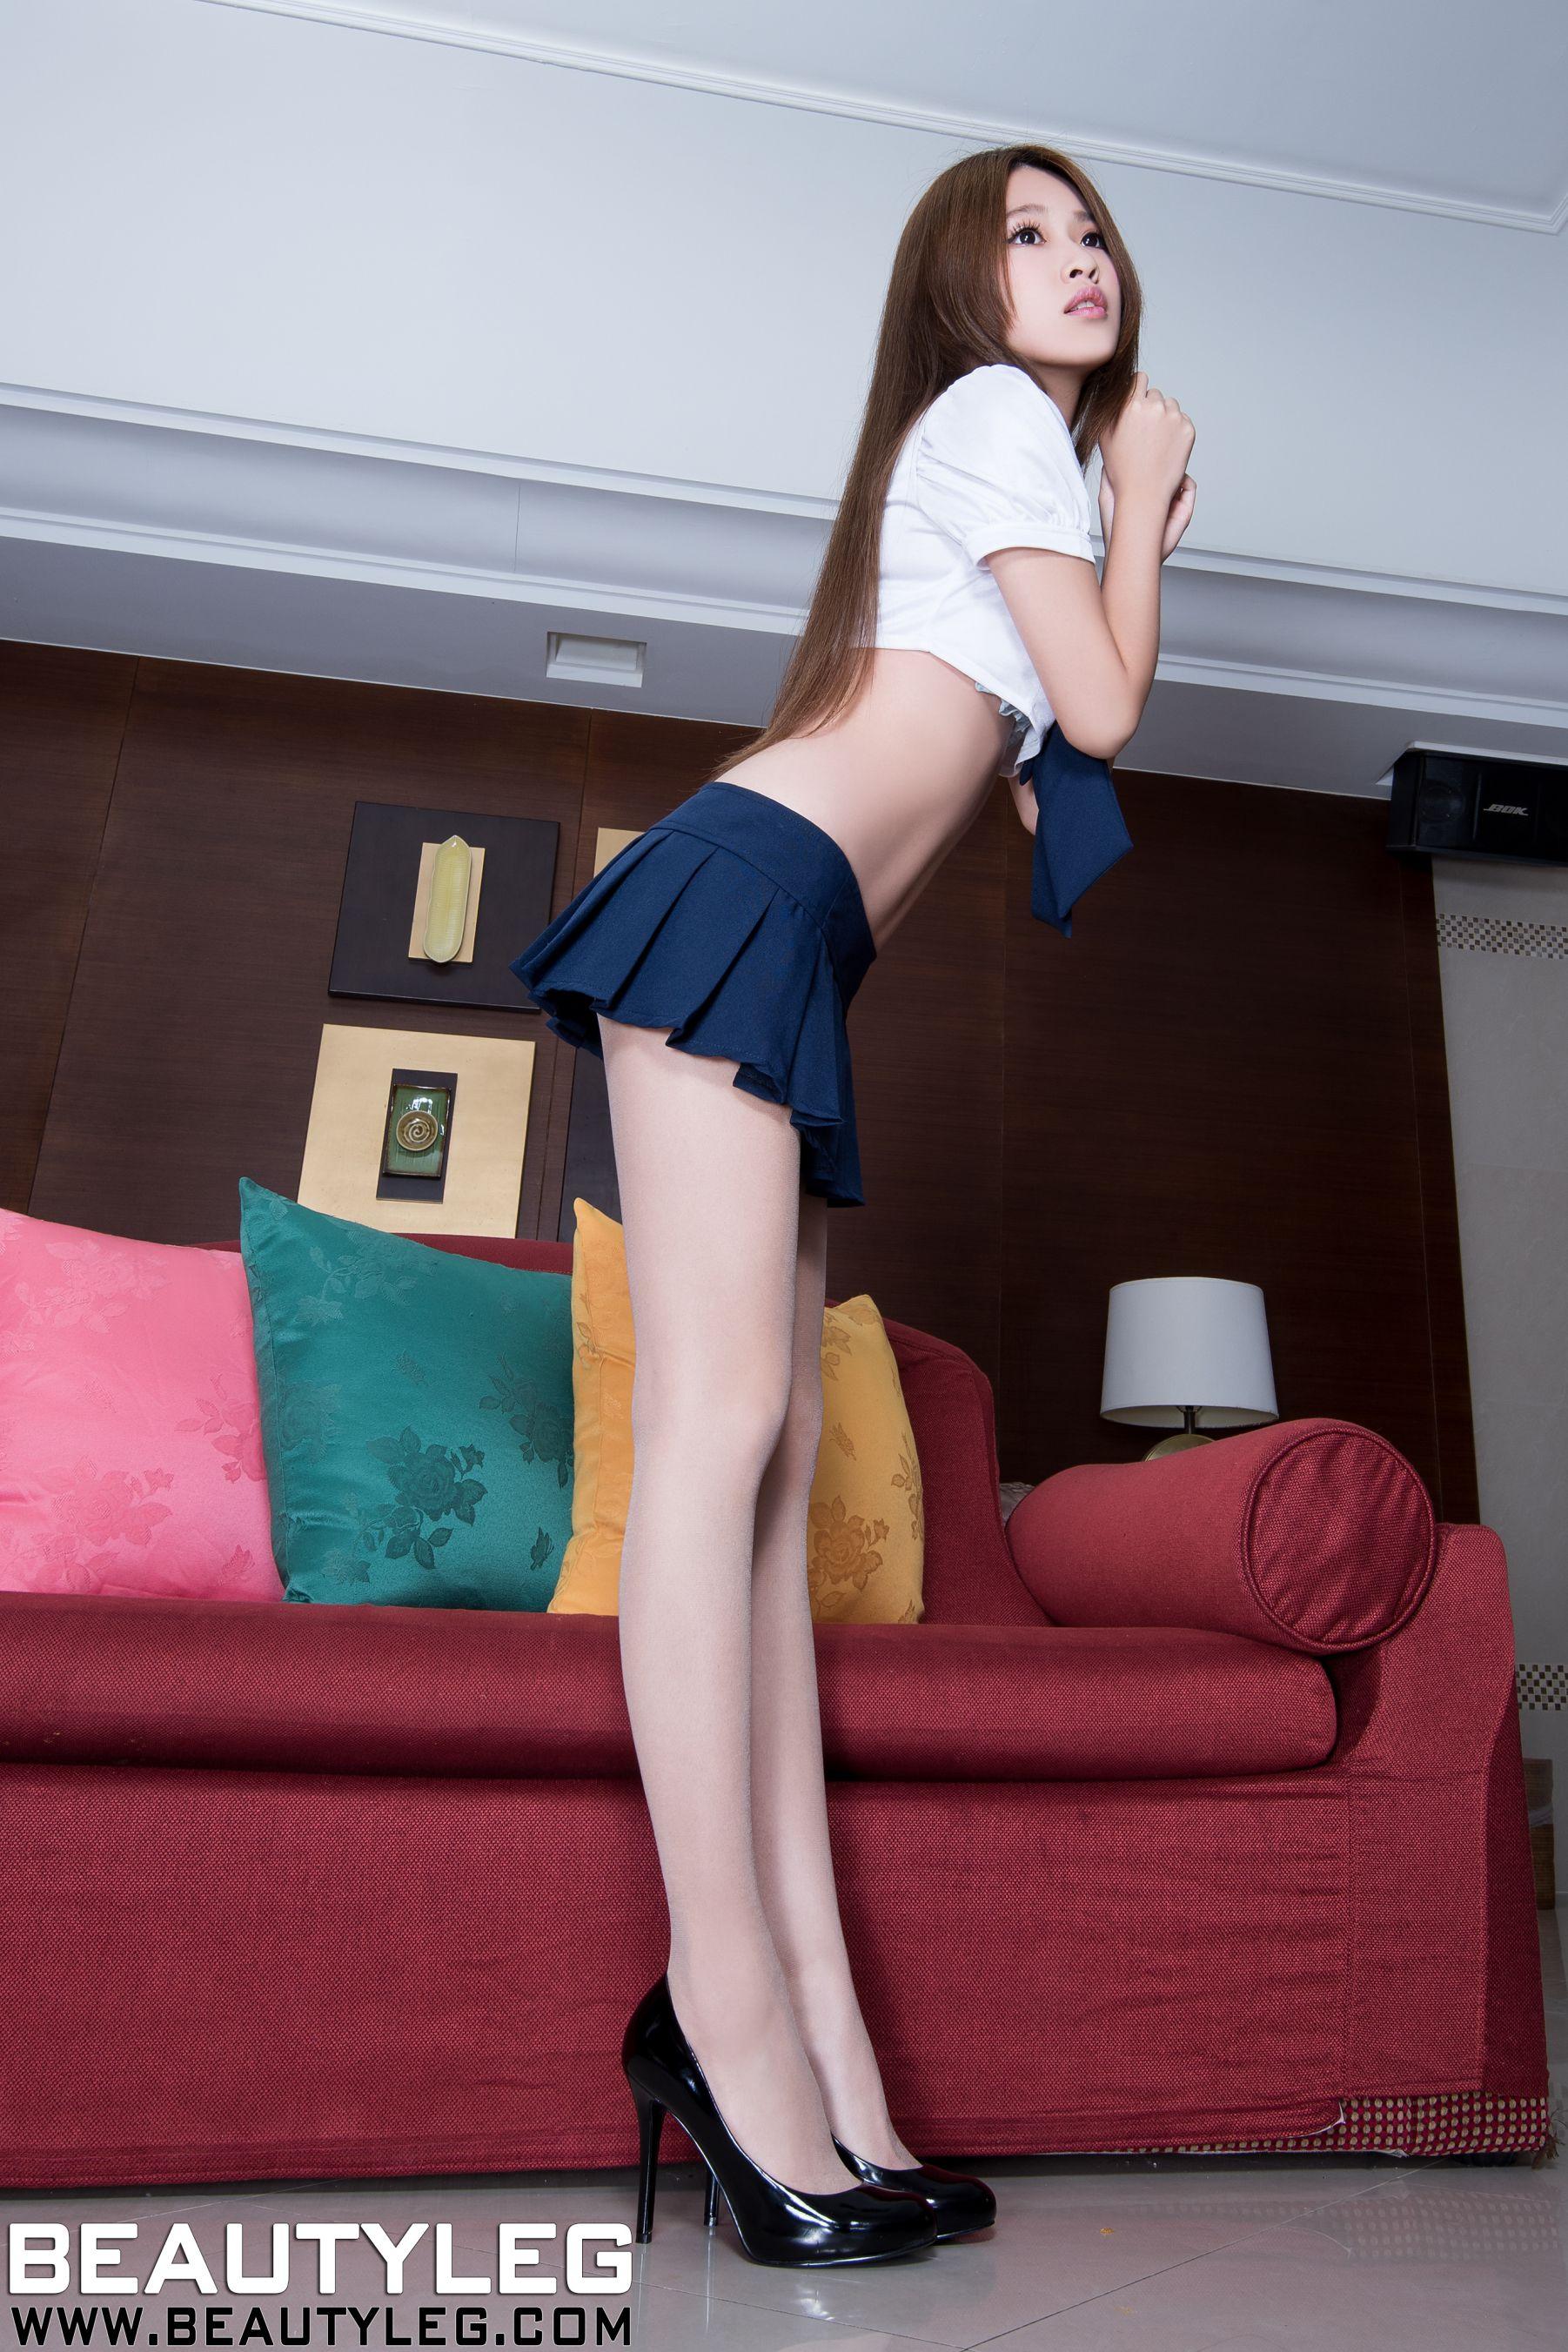 VOL.1760 [Beautyleg]校服水手服高跟美腿:卢昕妤(艾瑞丝,腿模Aries)高品质写真套图(65P)